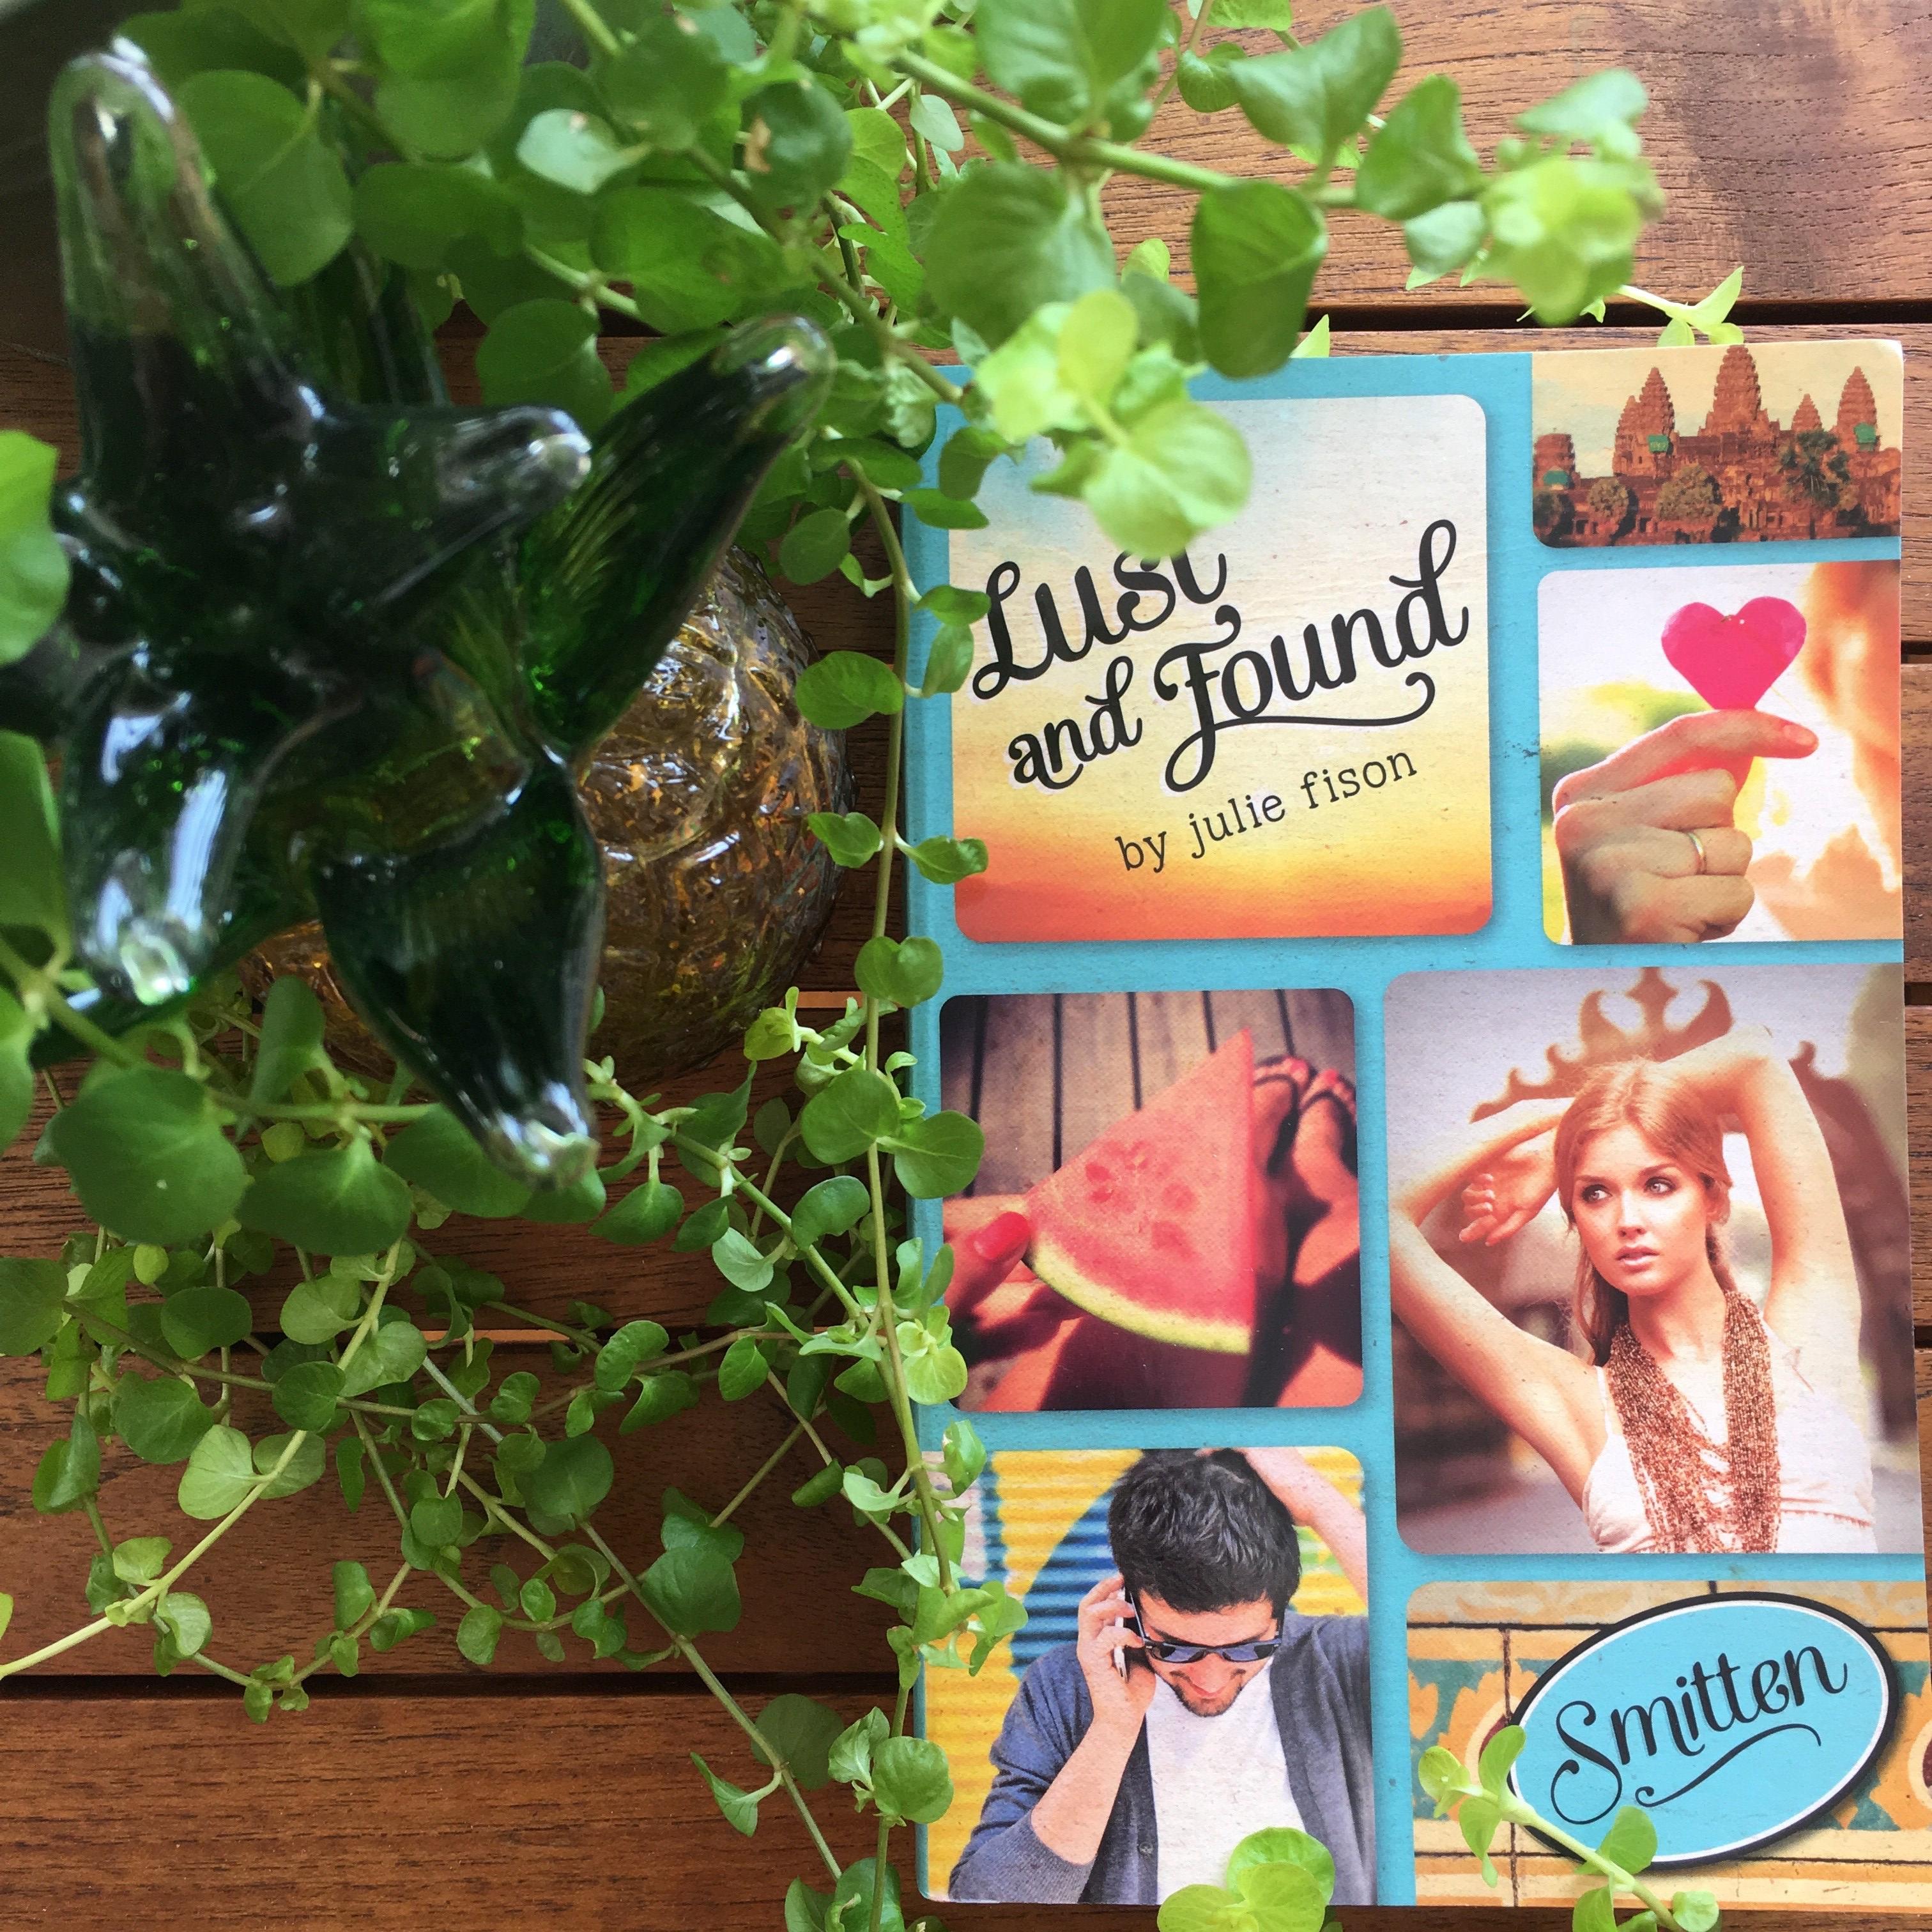 Smitten: Lust and Found